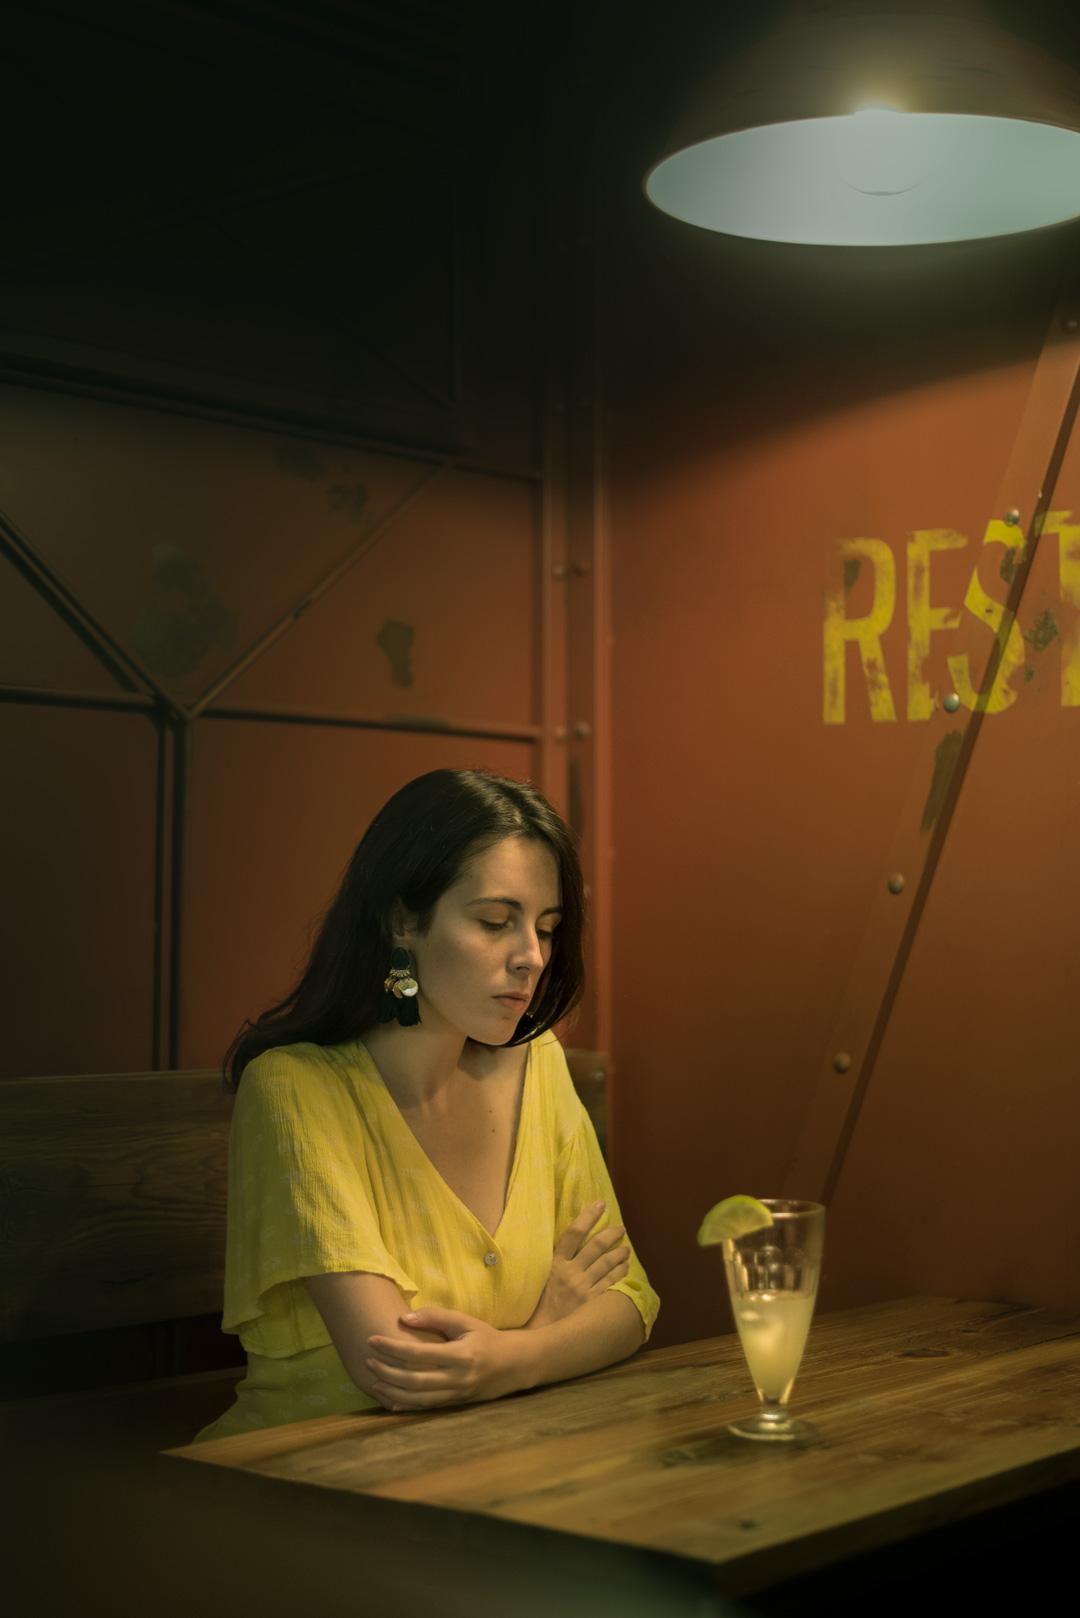 amarillo, mujer, soledad, arte, cuadro, realismo